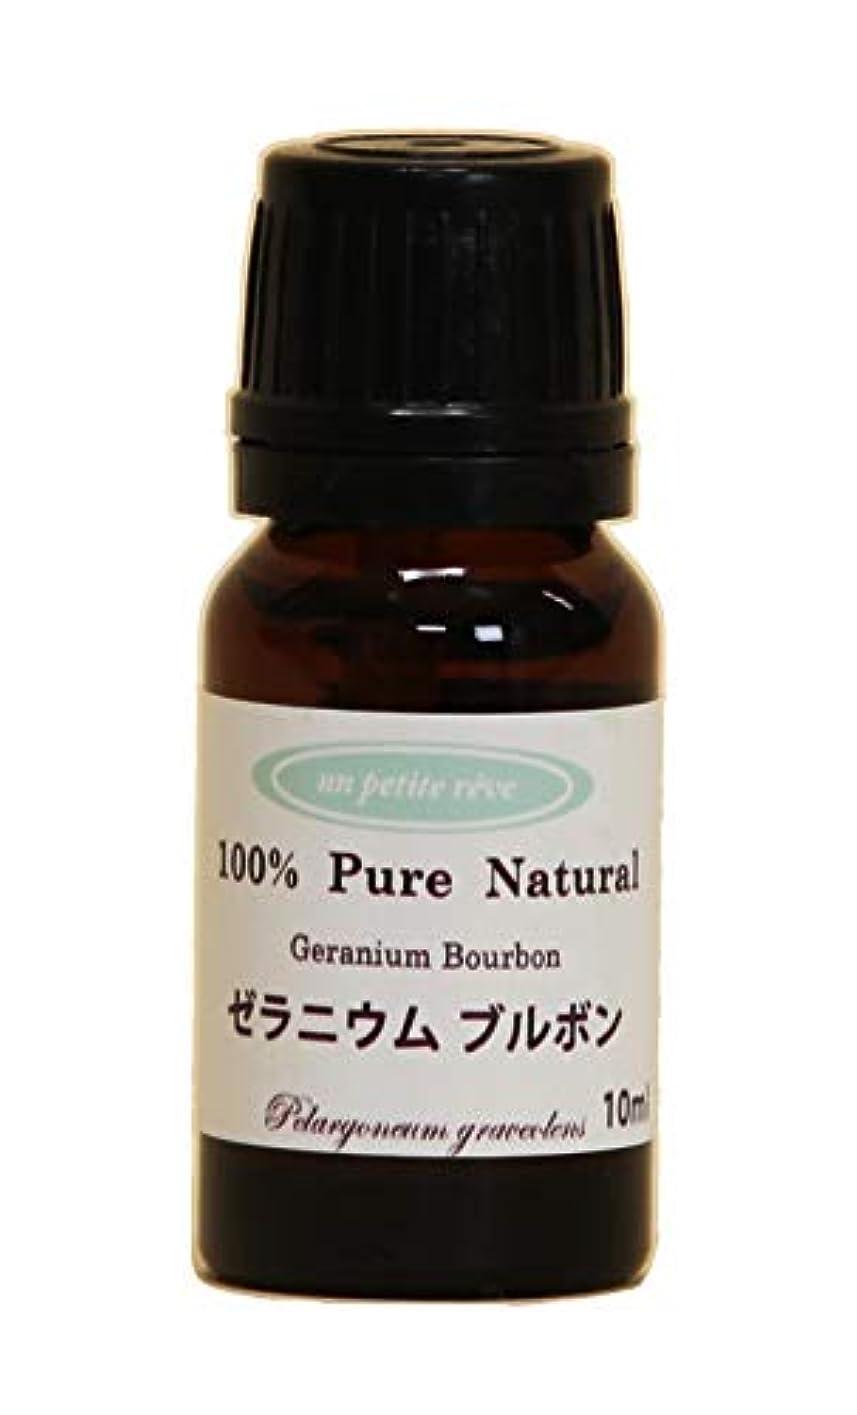 悪性腫瘍一人で有彩色のゼラニウムブルボン  10ml 100%天然アロマエッセンシャルオイル(精油)